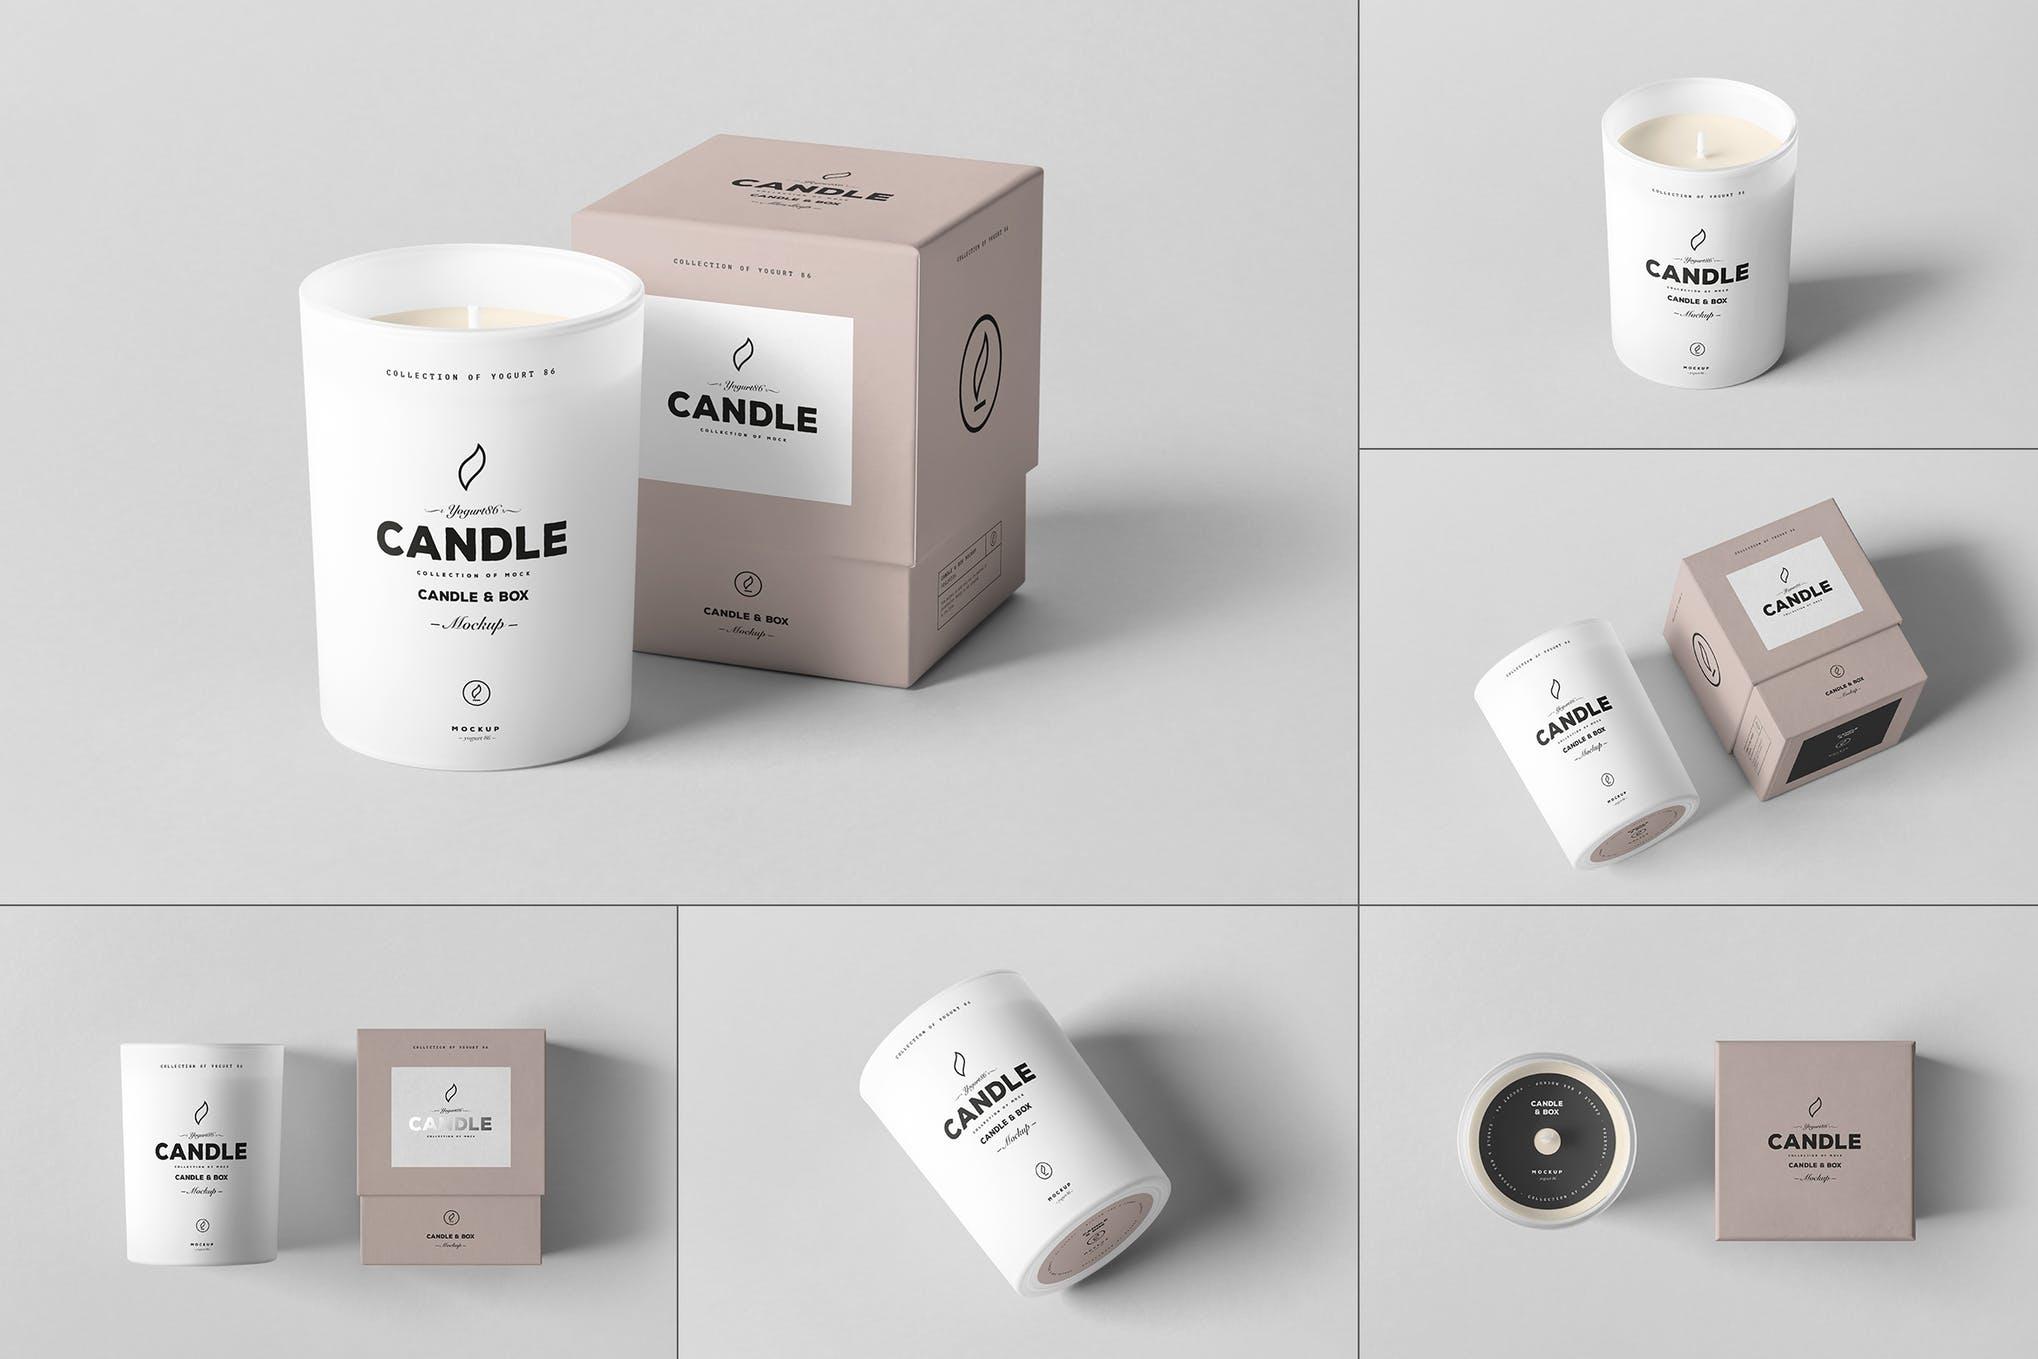 蜡烛香薰和包装盒样机效果图插图(1)